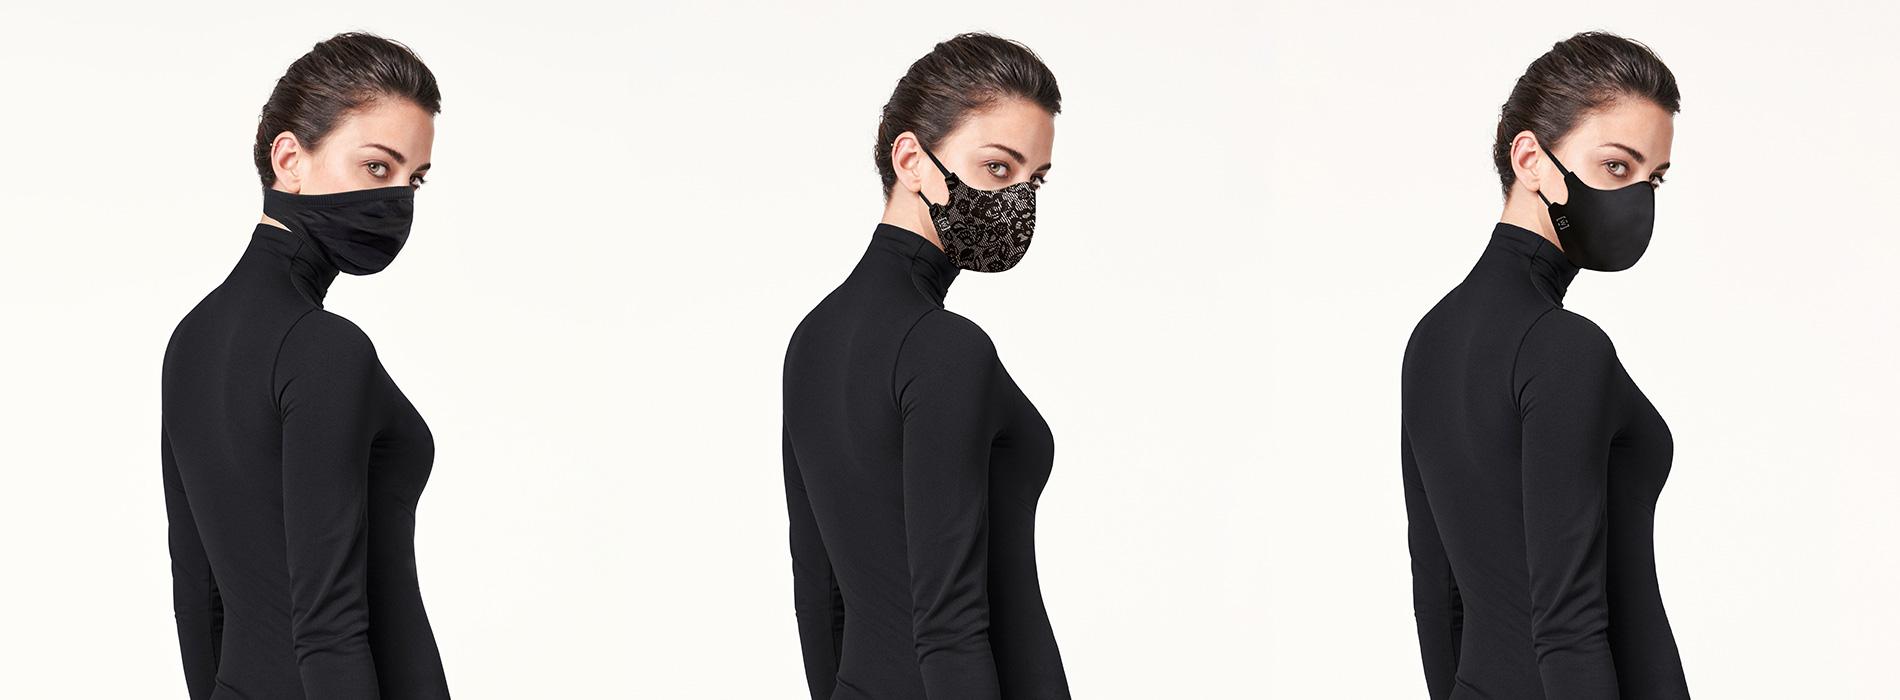 Care Mask Promo